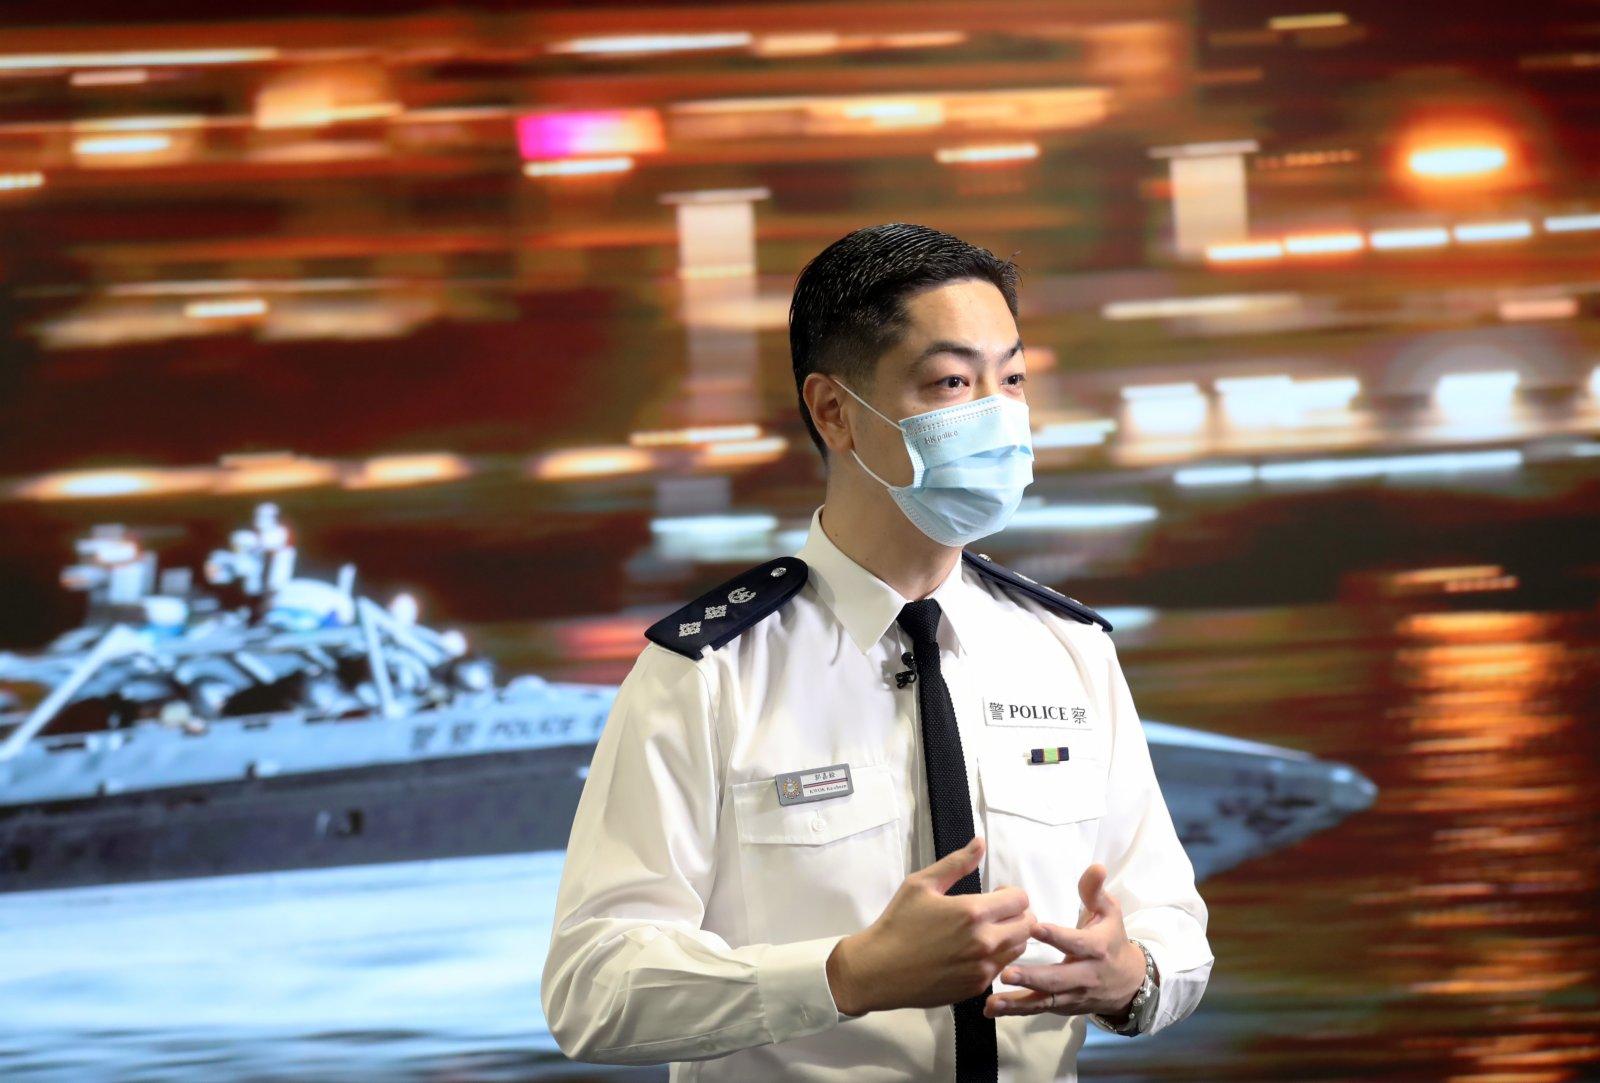 香港警務處公共關係科總警司郭嘉銓接受採訪。(新華社)